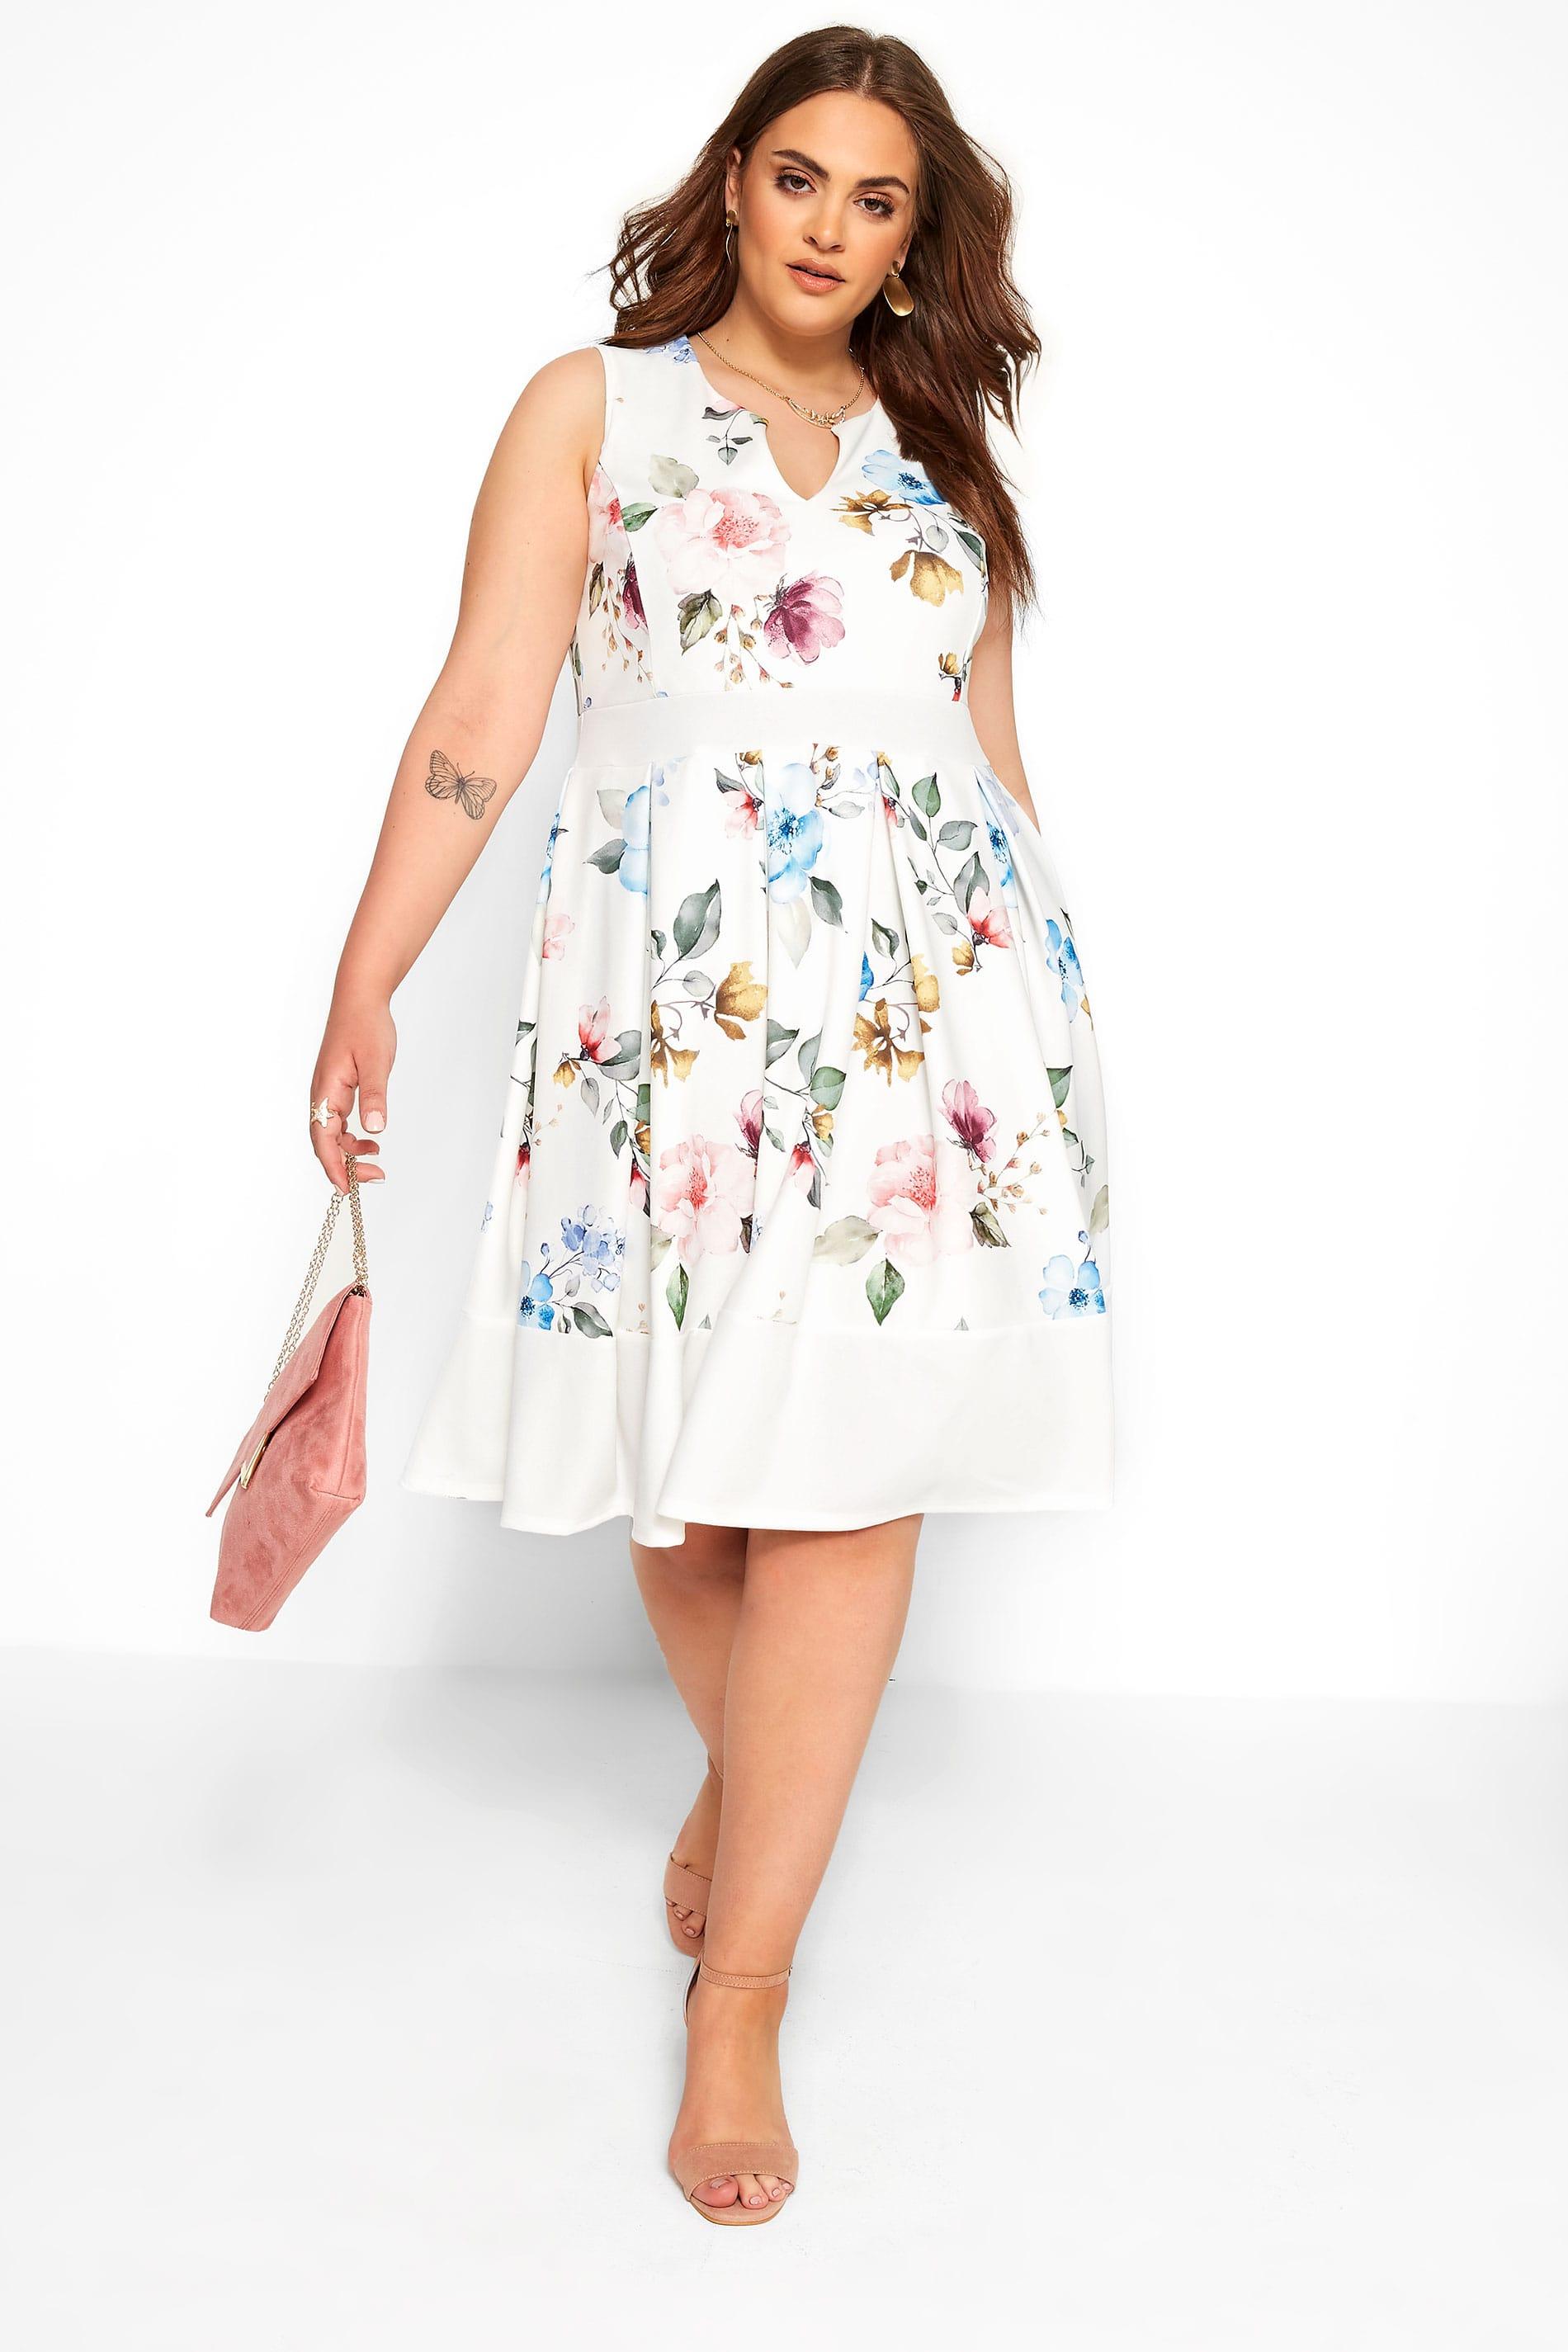 White Floral Skater Dress